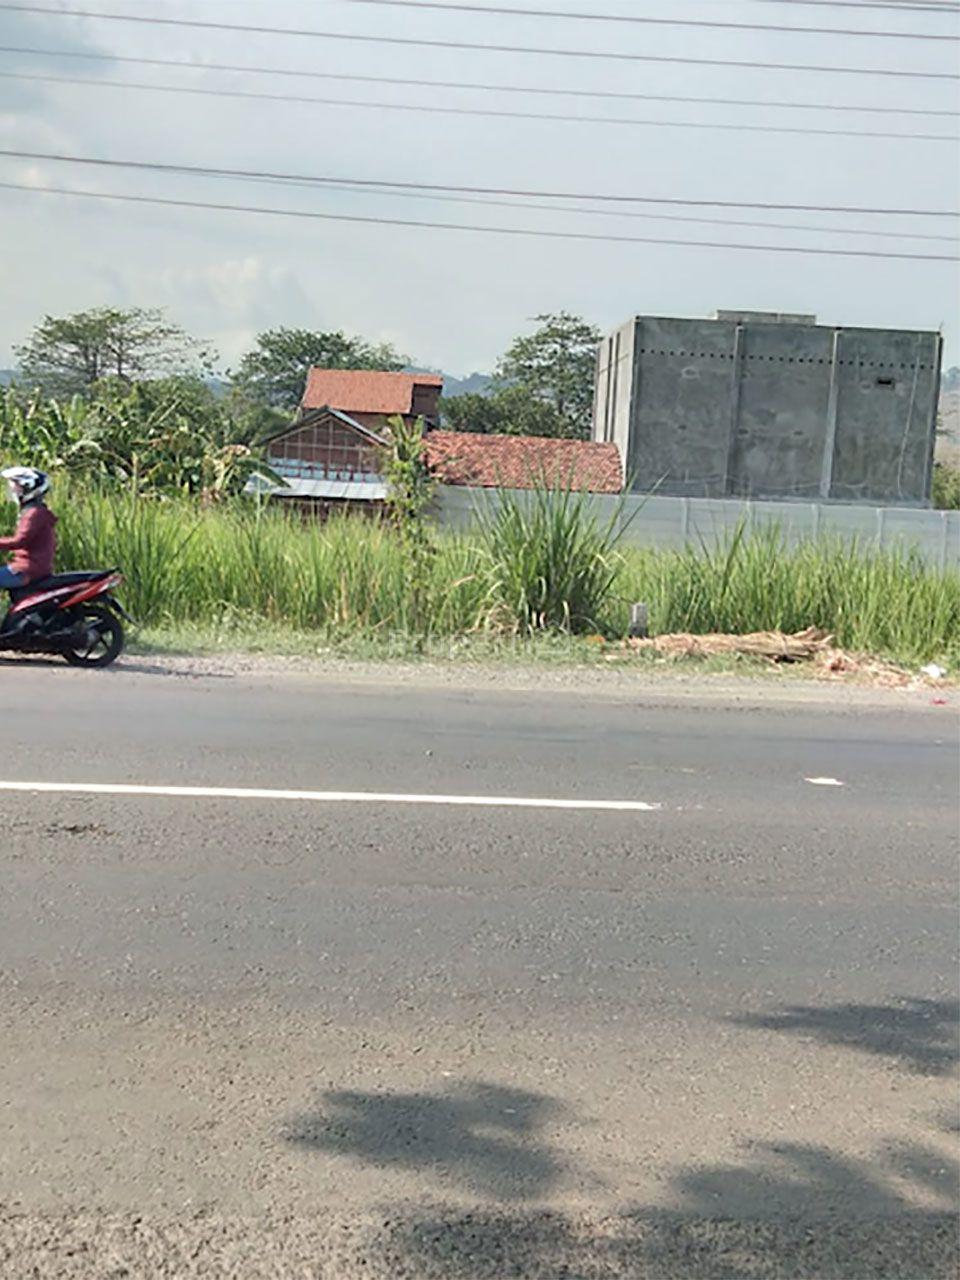 Lahan Industri atau Perumahan di Terban, Kudus, Jawa Tengah